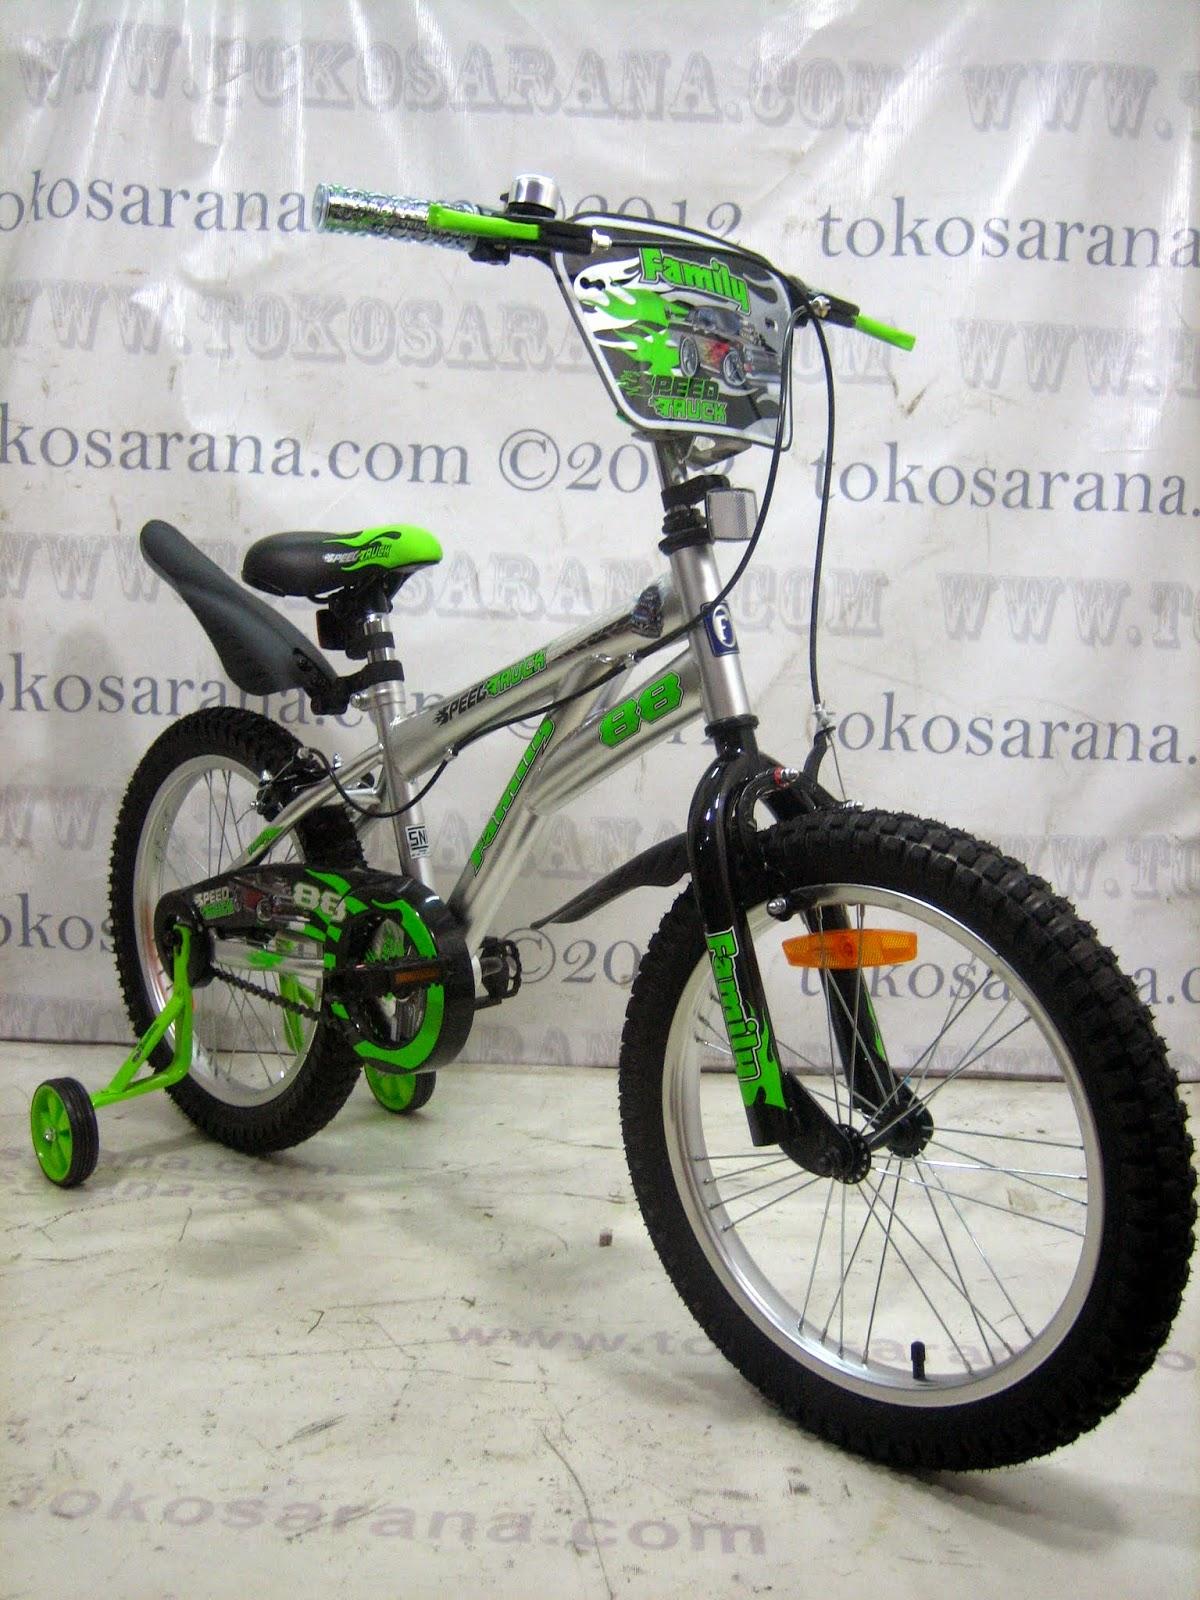 tokosarana™ | Mahasarana Sukses™: Sepeda Anak Family Speed